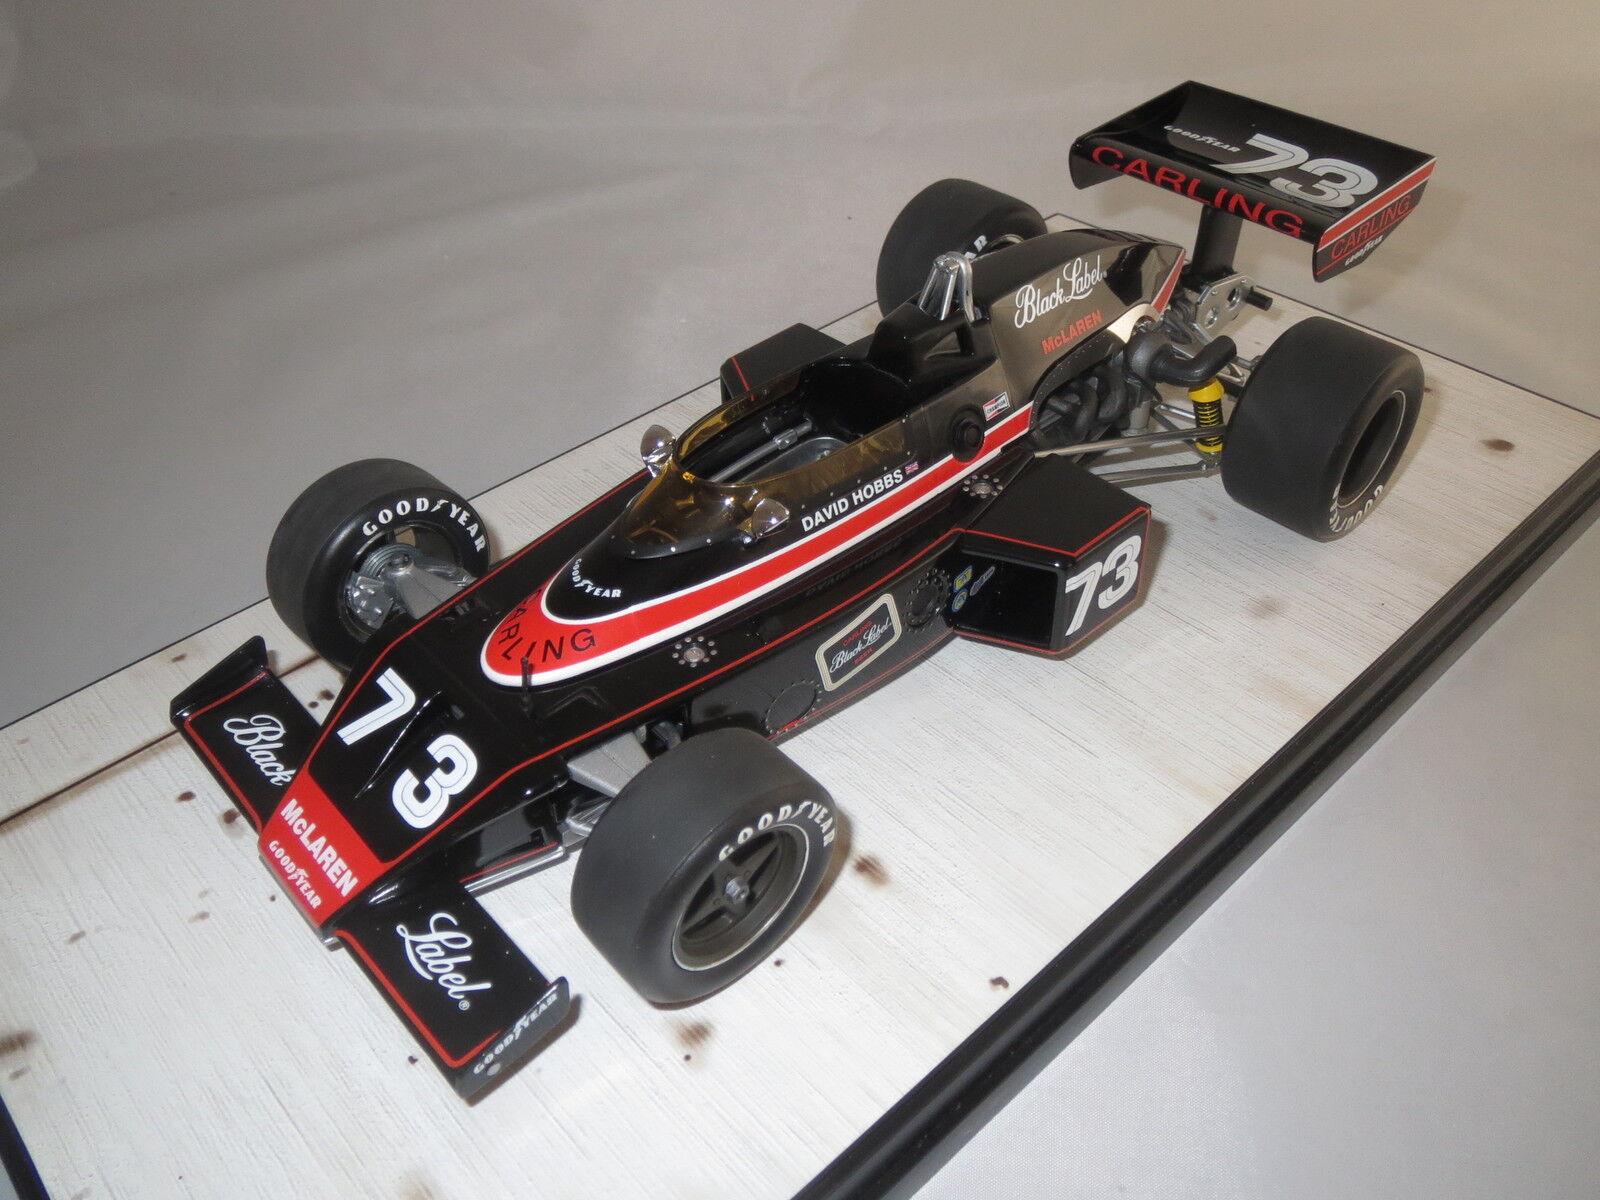 autoousel 1  1974  McLaren m16 Indianapolis 500  David Hobbs   73 1 18 OVP